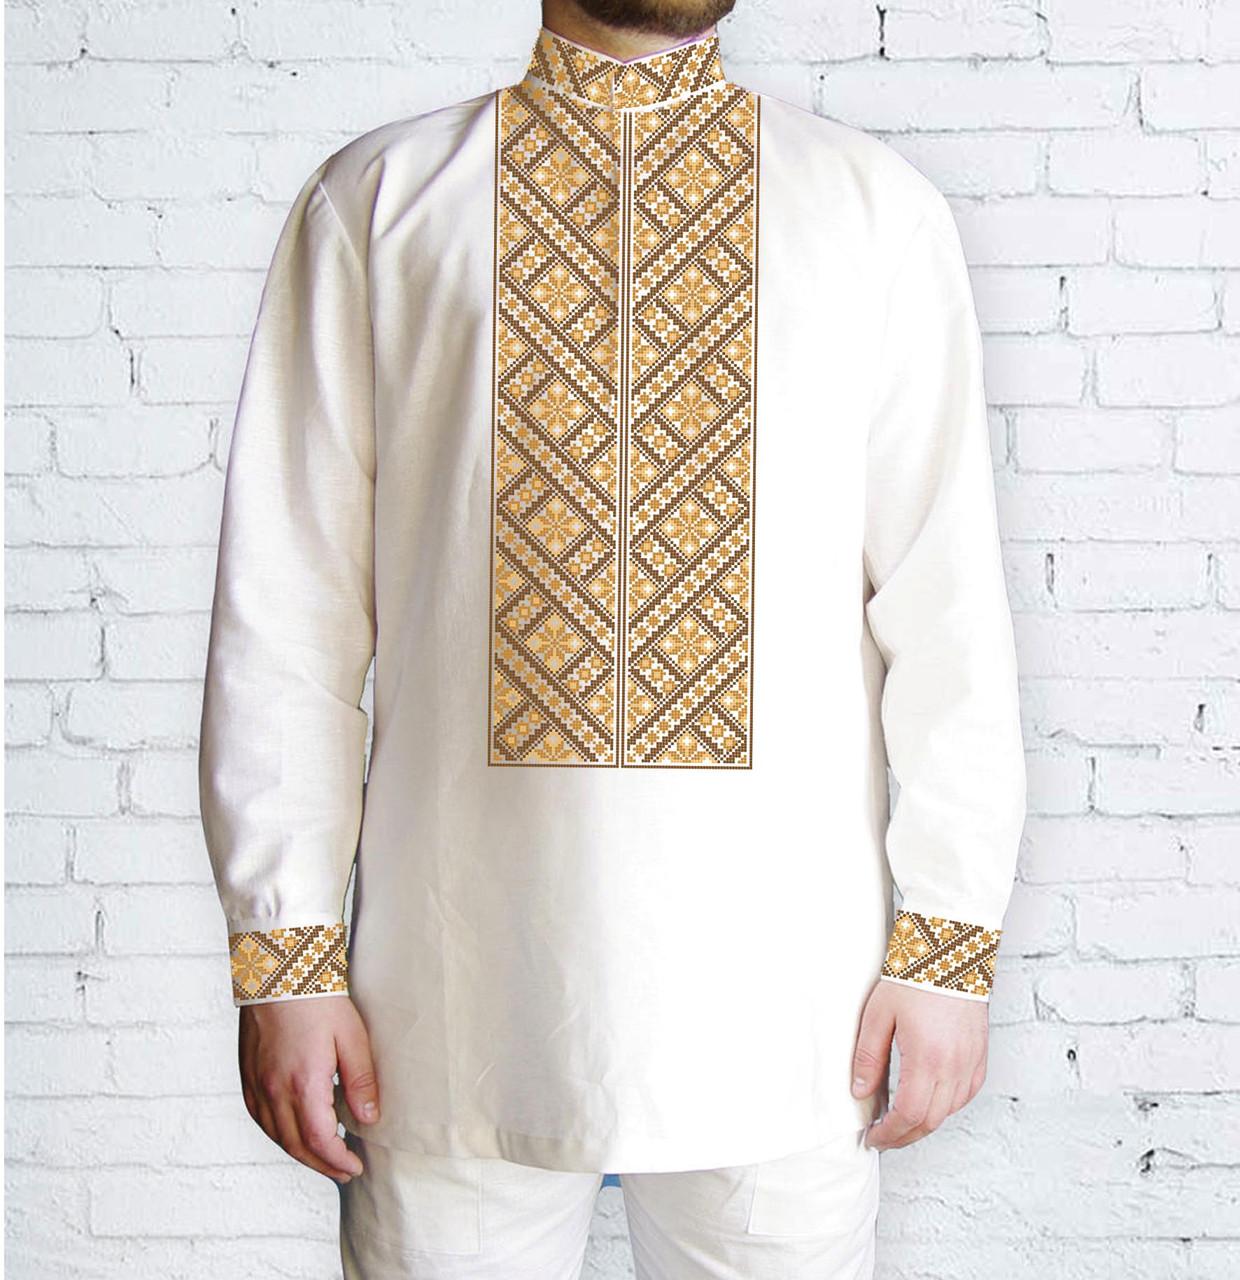 Заготовка чоловічої сорочки та вишиванки для вишивки чи вишивання бісером Бисерок «Орнамент 523 К» (Ч-523 К )